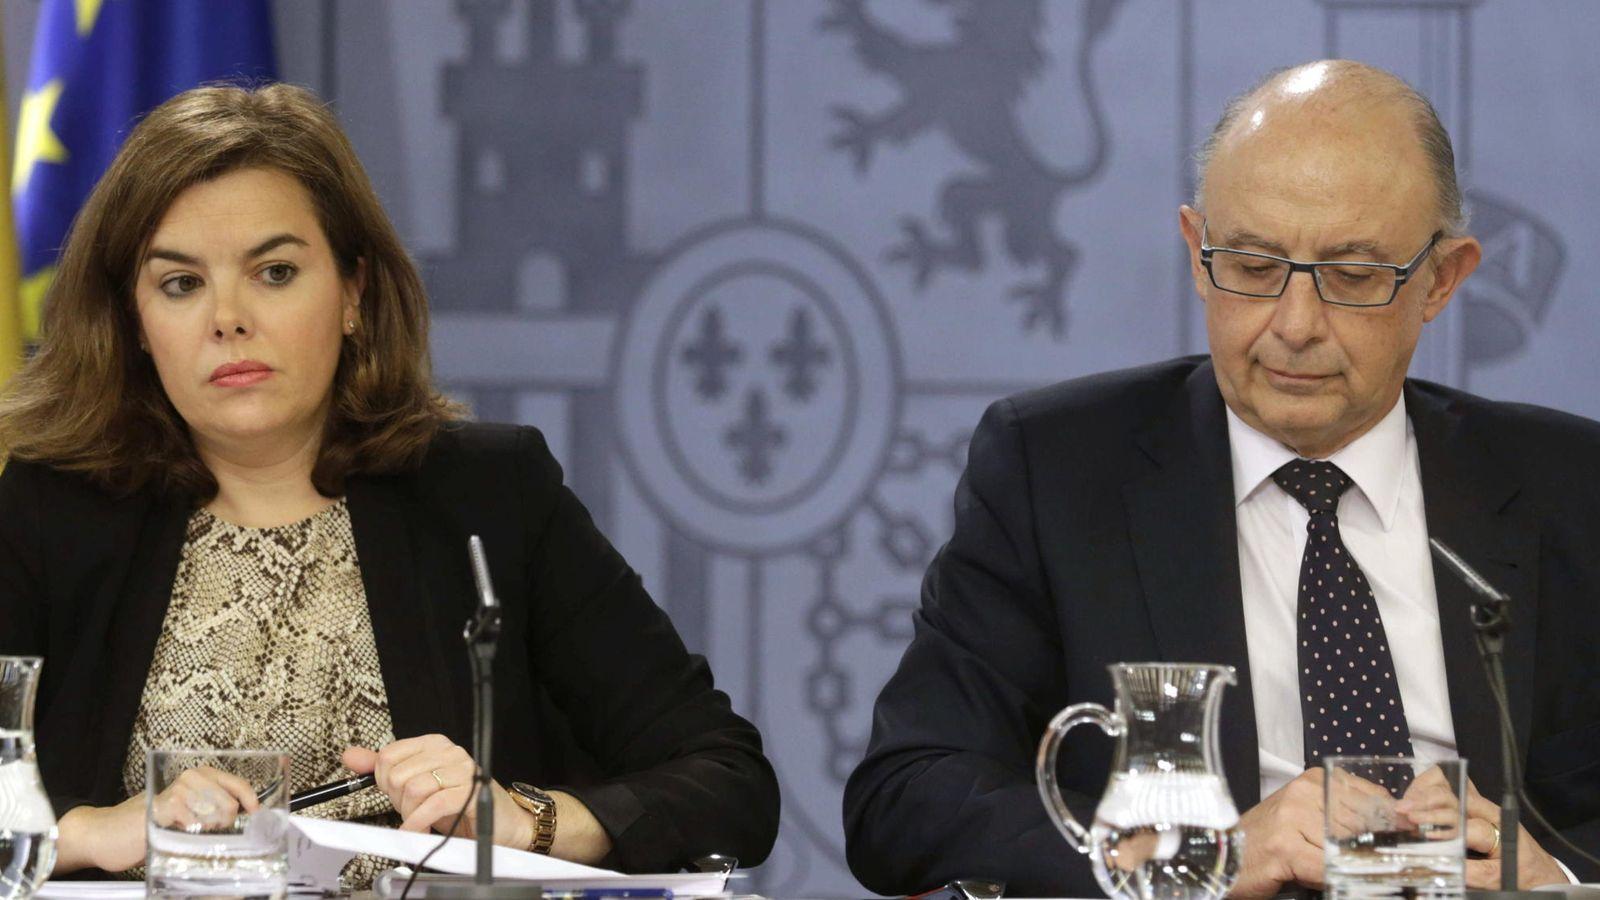 Foto: El ministro de Hacienda, Cristóbal Montoro, junto a la vicepresidenta del Gobierno, Soraya Sáenz de Santamaría en una imagen de archivo (EFE)